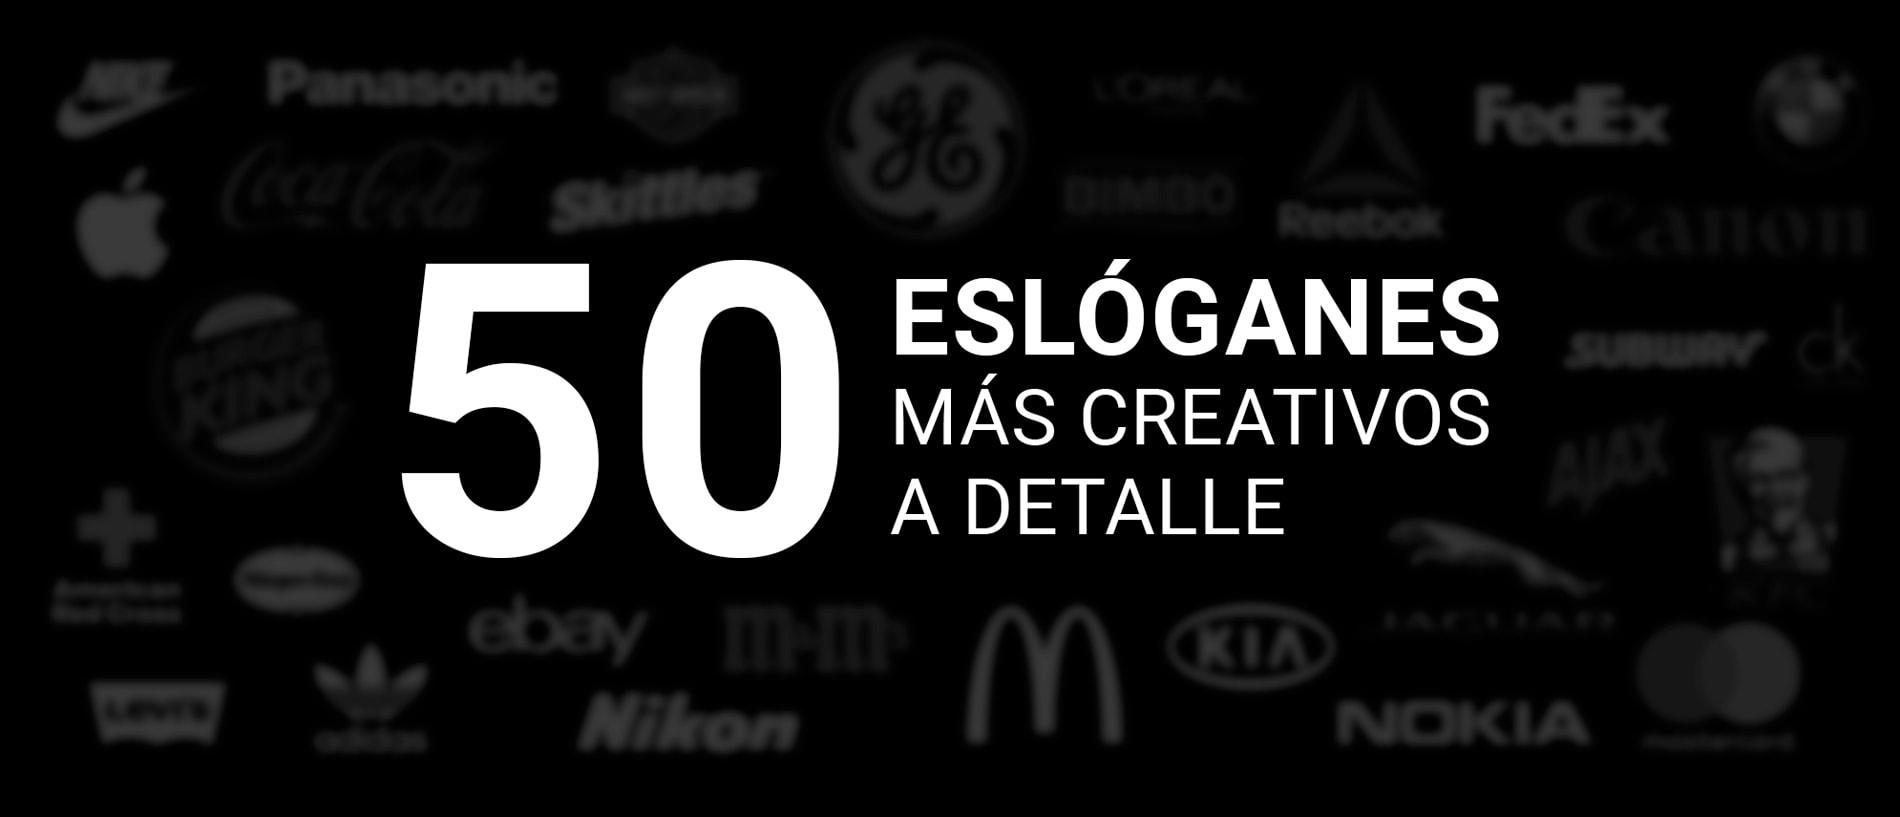 50 Eslóganes Más Creativos A Detalle